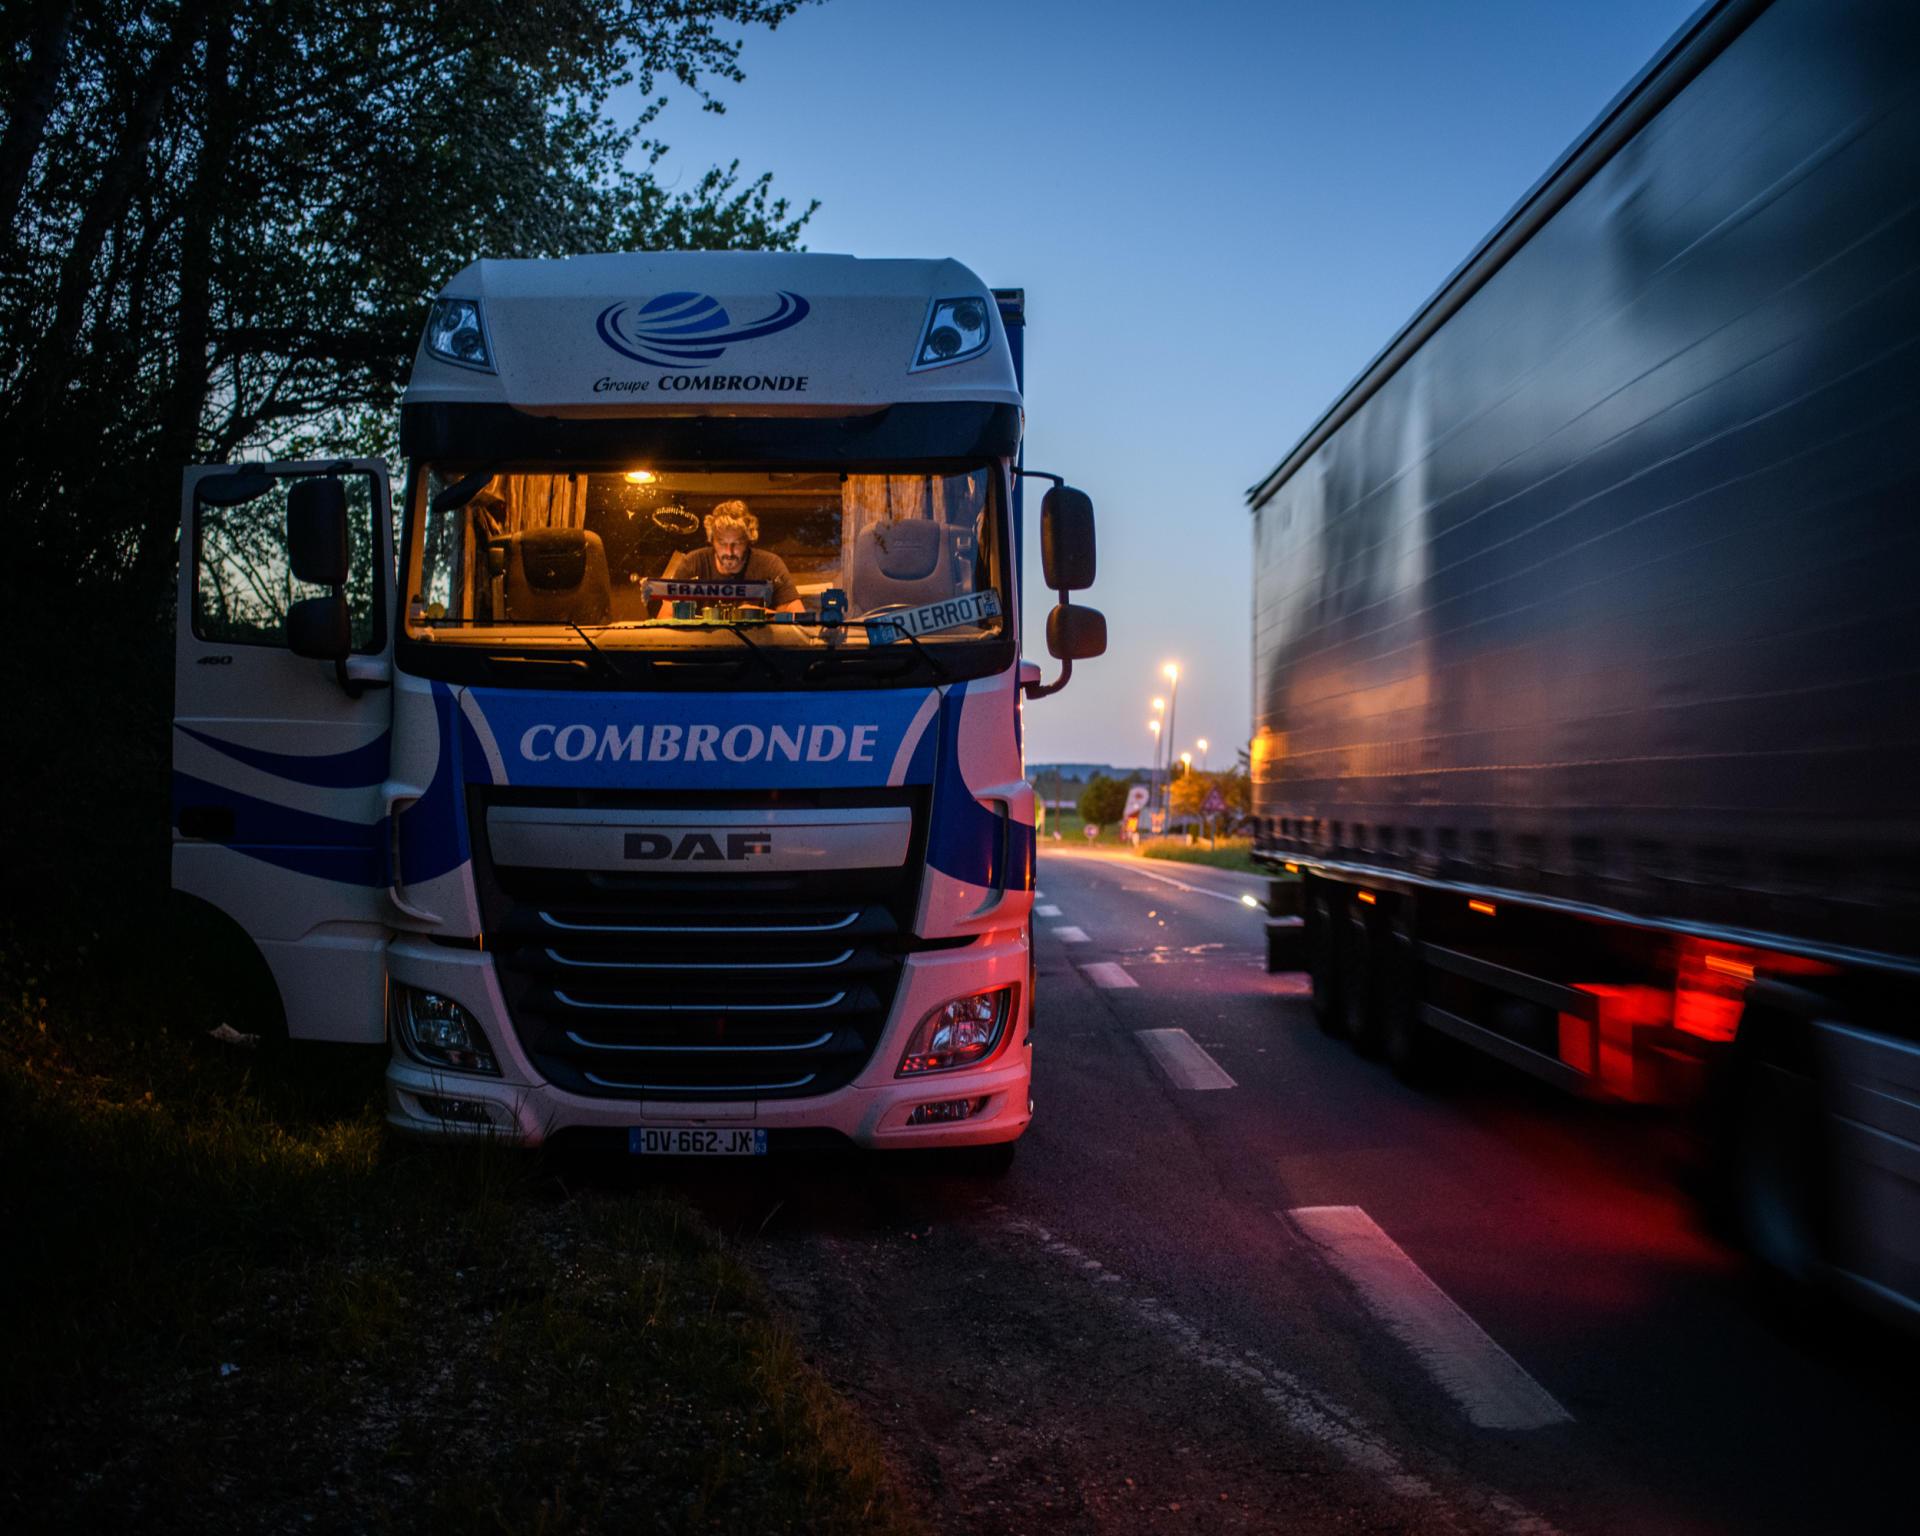 Après sa journée de travail, Pierre Audet s'arrête le long d'une route départementale allant de Gien à Bourges, pour passer la nuit.